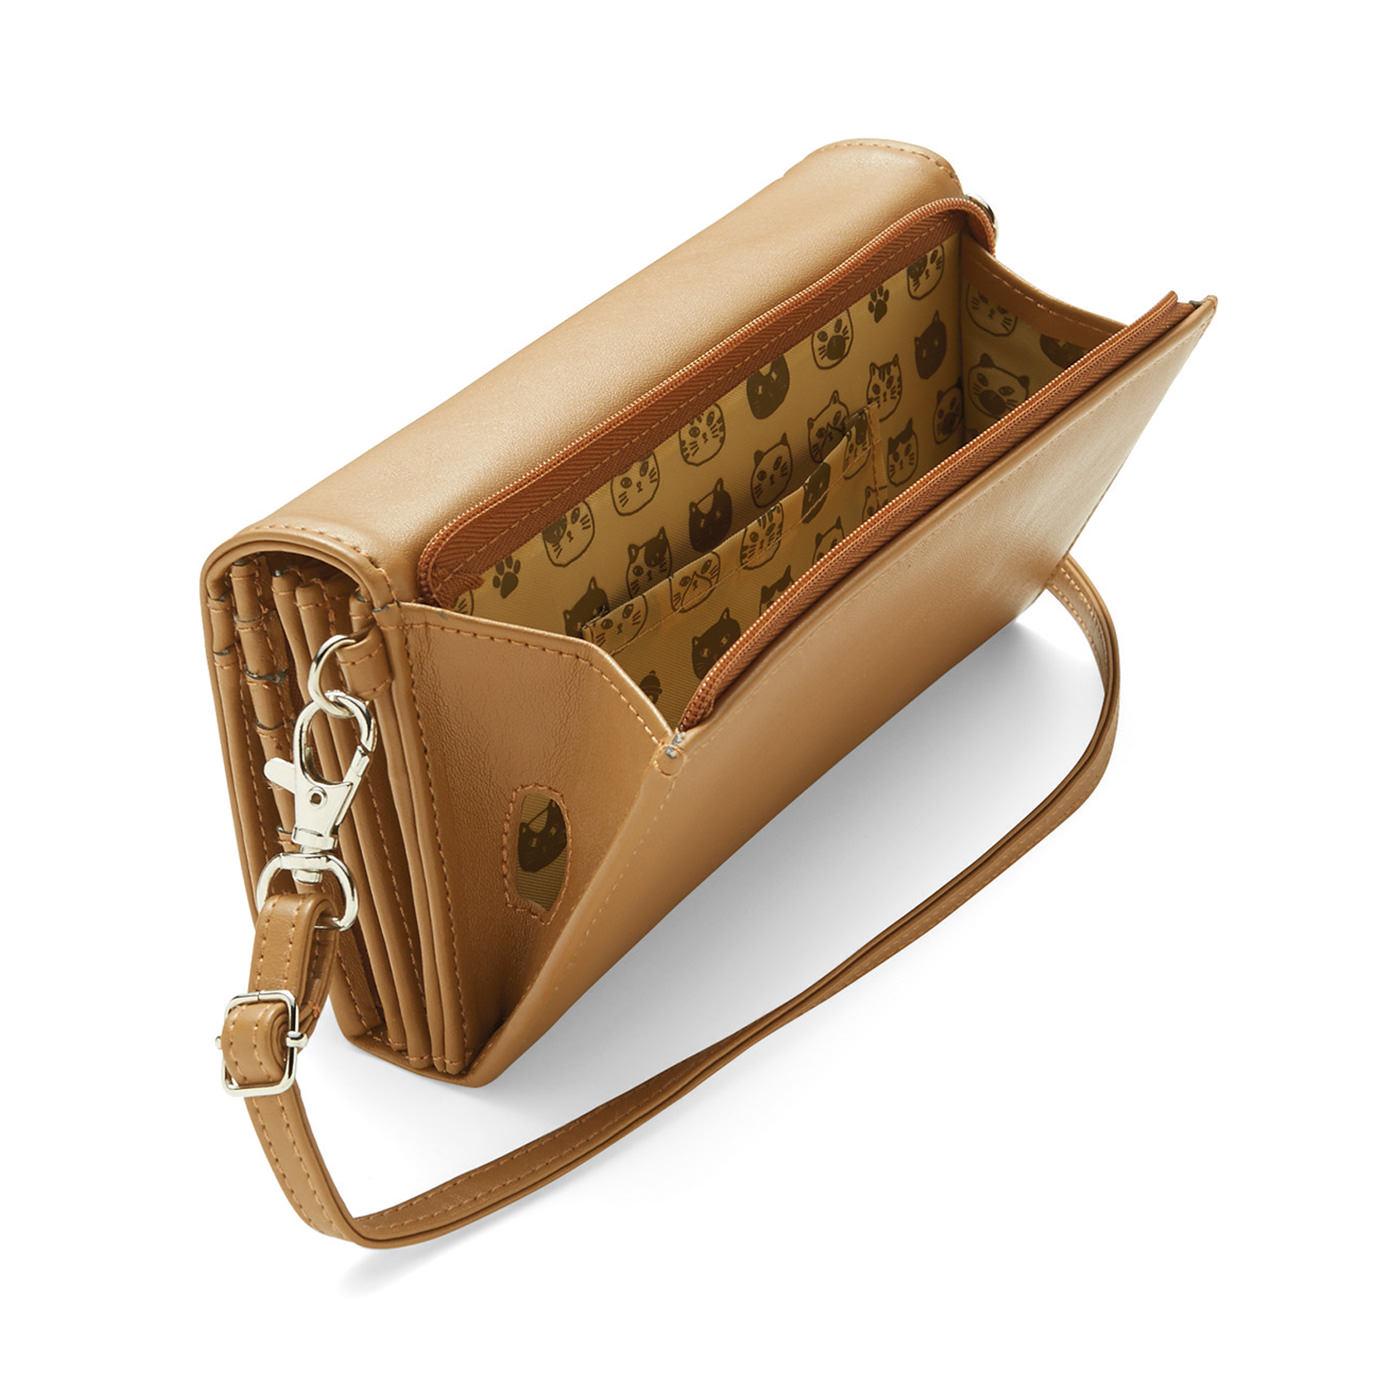 スマートフォンやパスポートをしまえるポケット。イヤホンや充電コードが通せるホール付き。